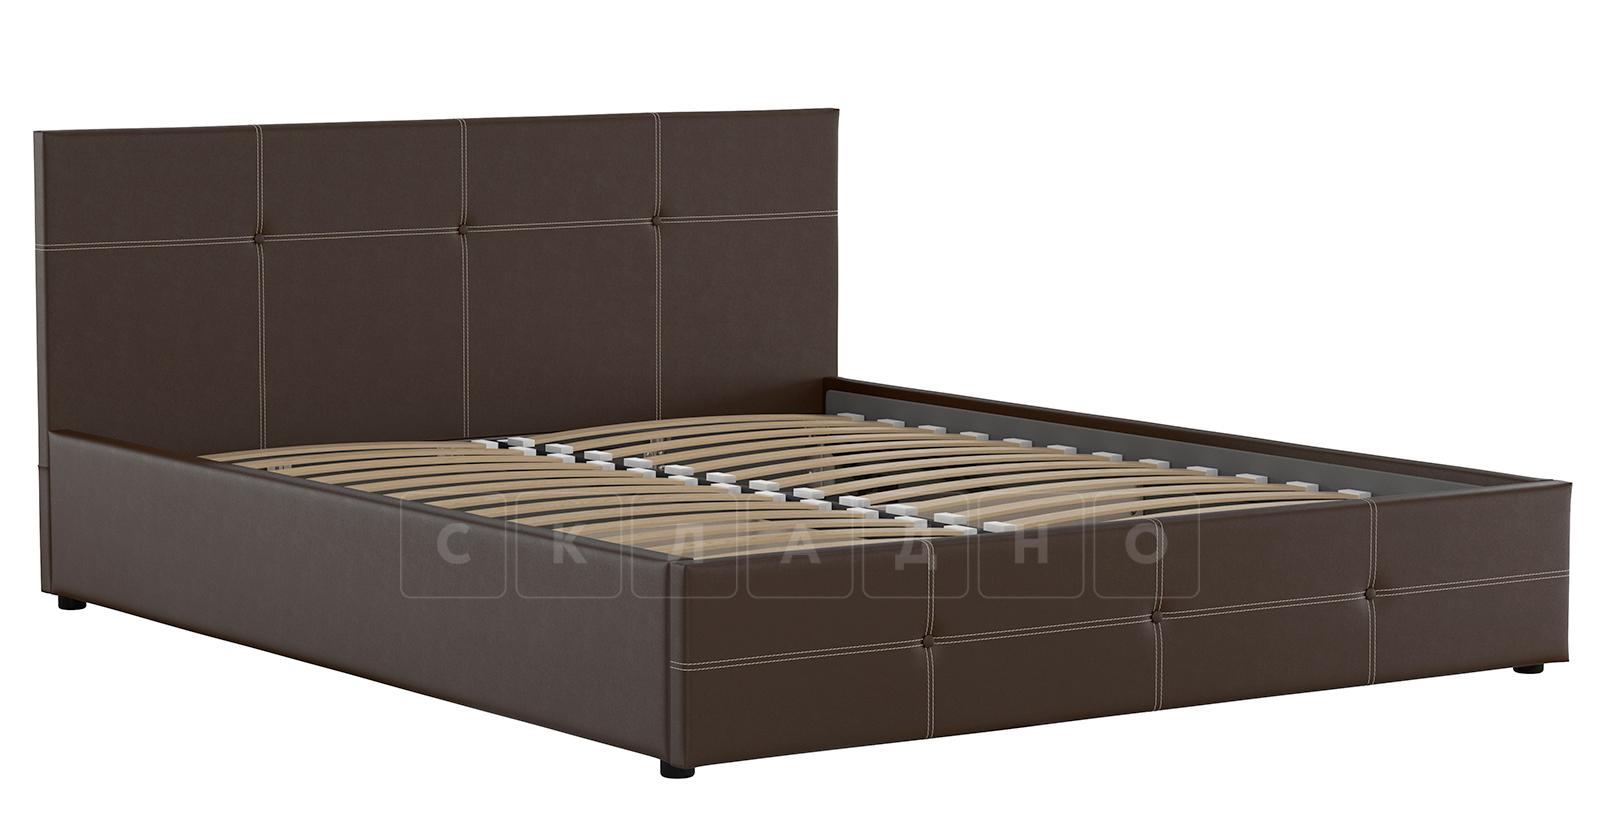 Мягкая кровать Синди 160 см шоколад без подъемного механизма фото 2 | интернет-магазин Складно